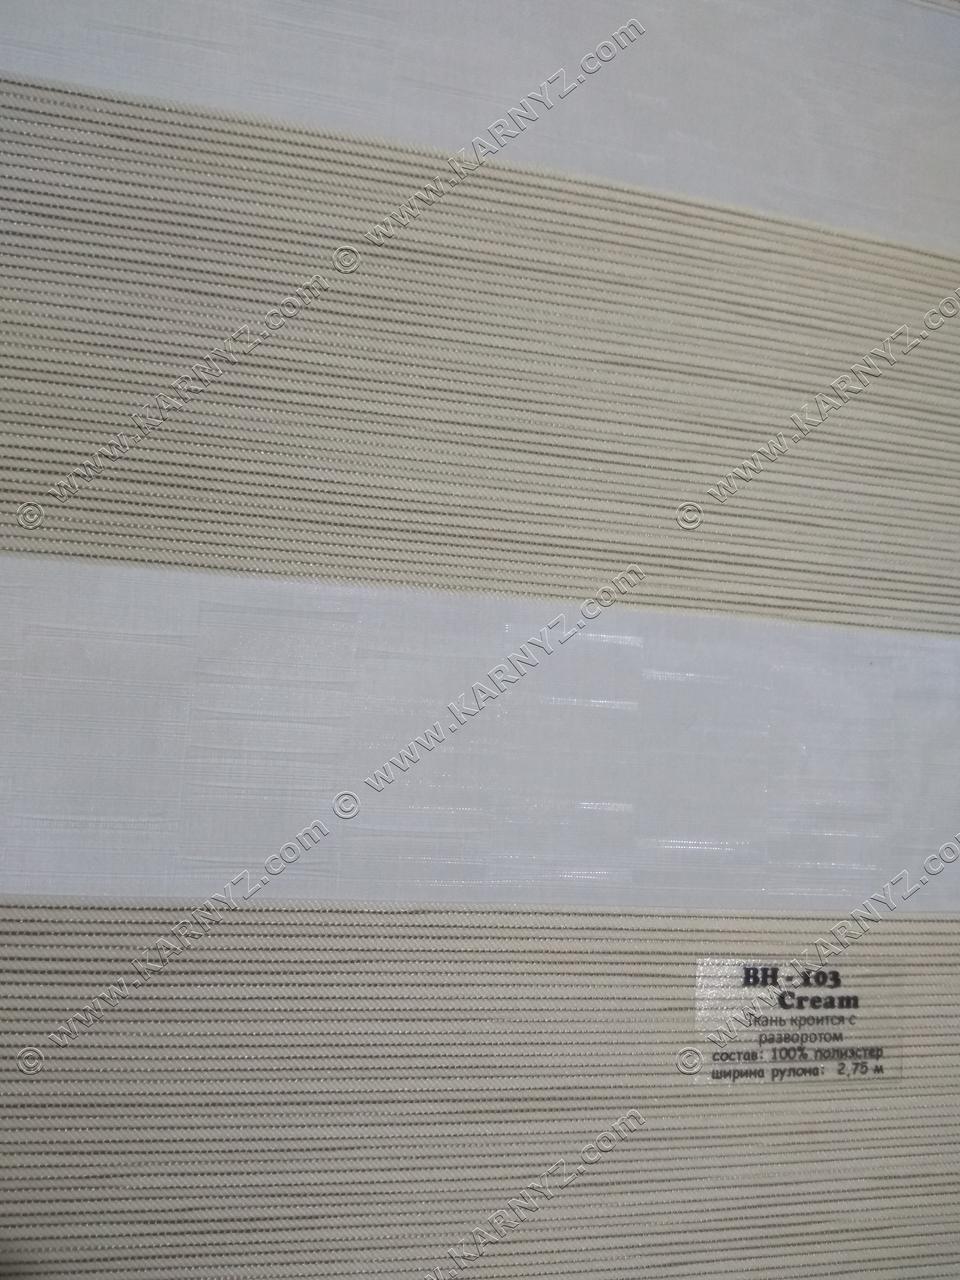 Рулонные шторы День-Ночь ВН-103 крем